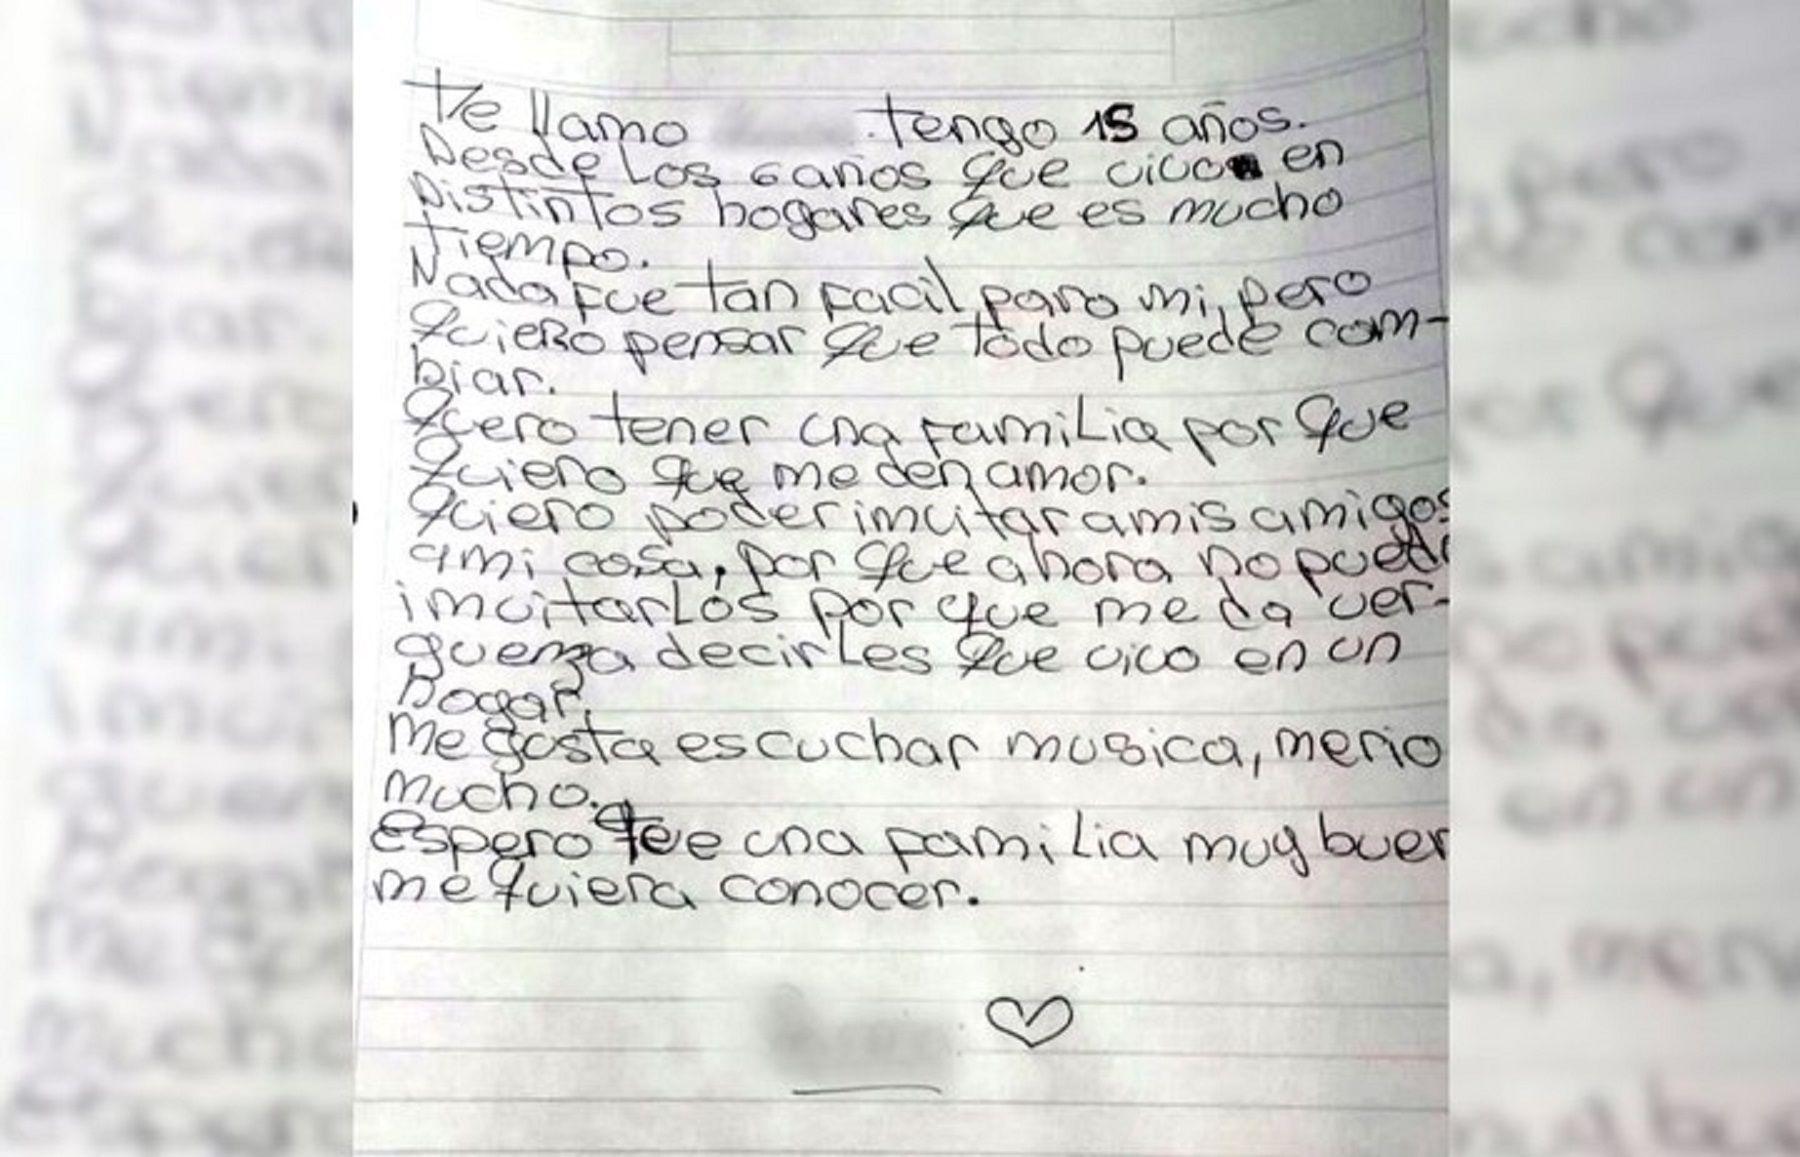 La conmovedora carta de una adolescente que pide ser adoptada